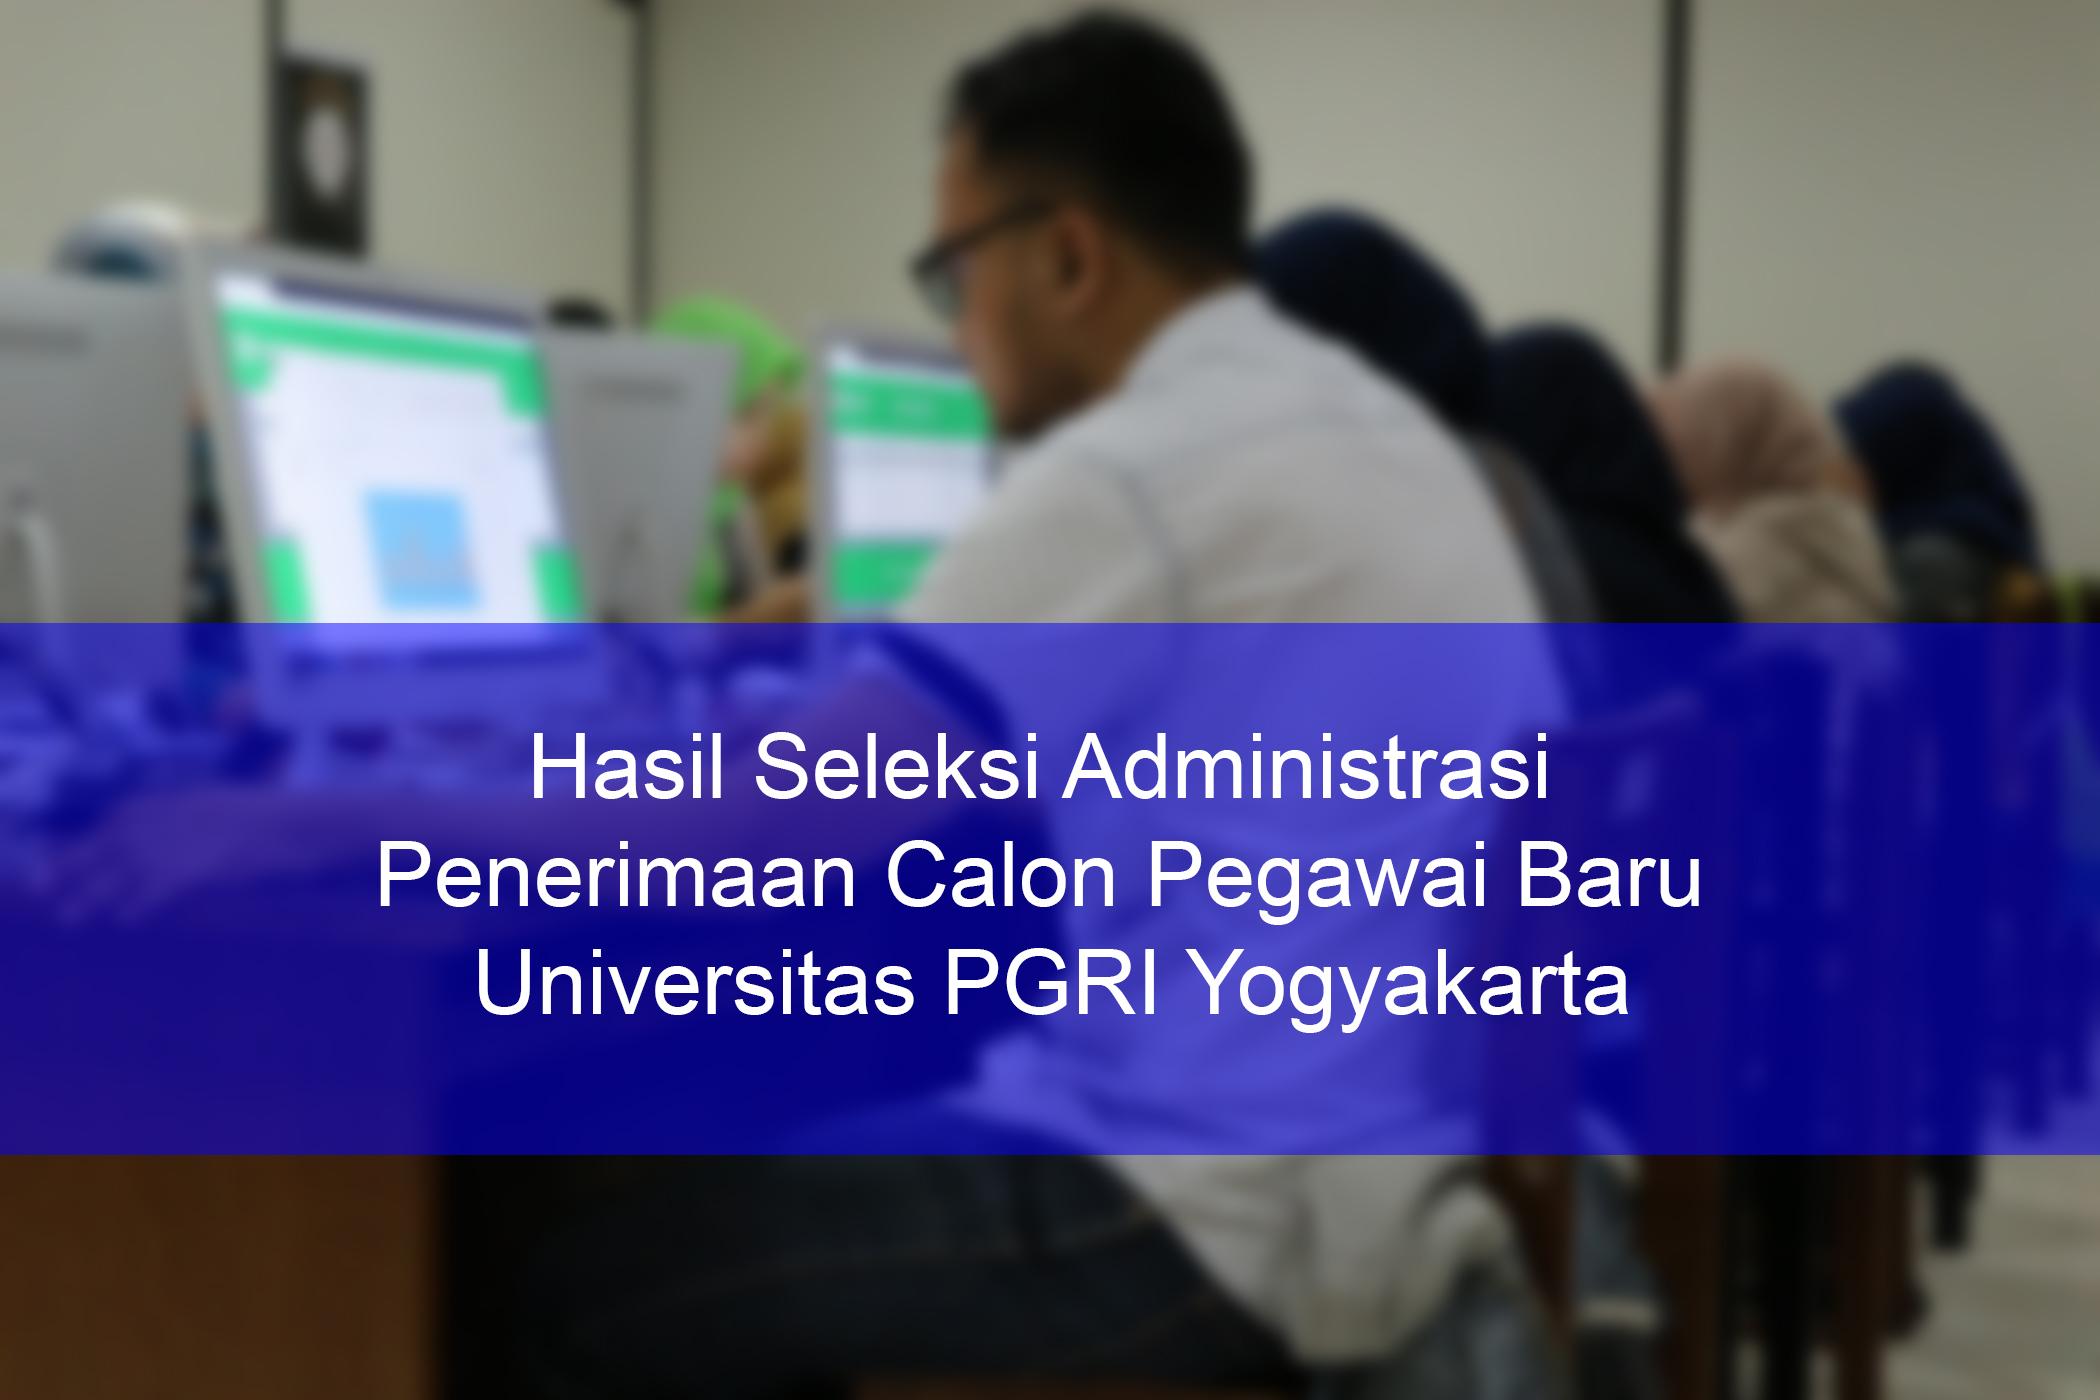 Hasil Seleksi Administrasi Penerimaan Calon Pegawai Baru Universitas PGRI Yogyakarta 2019